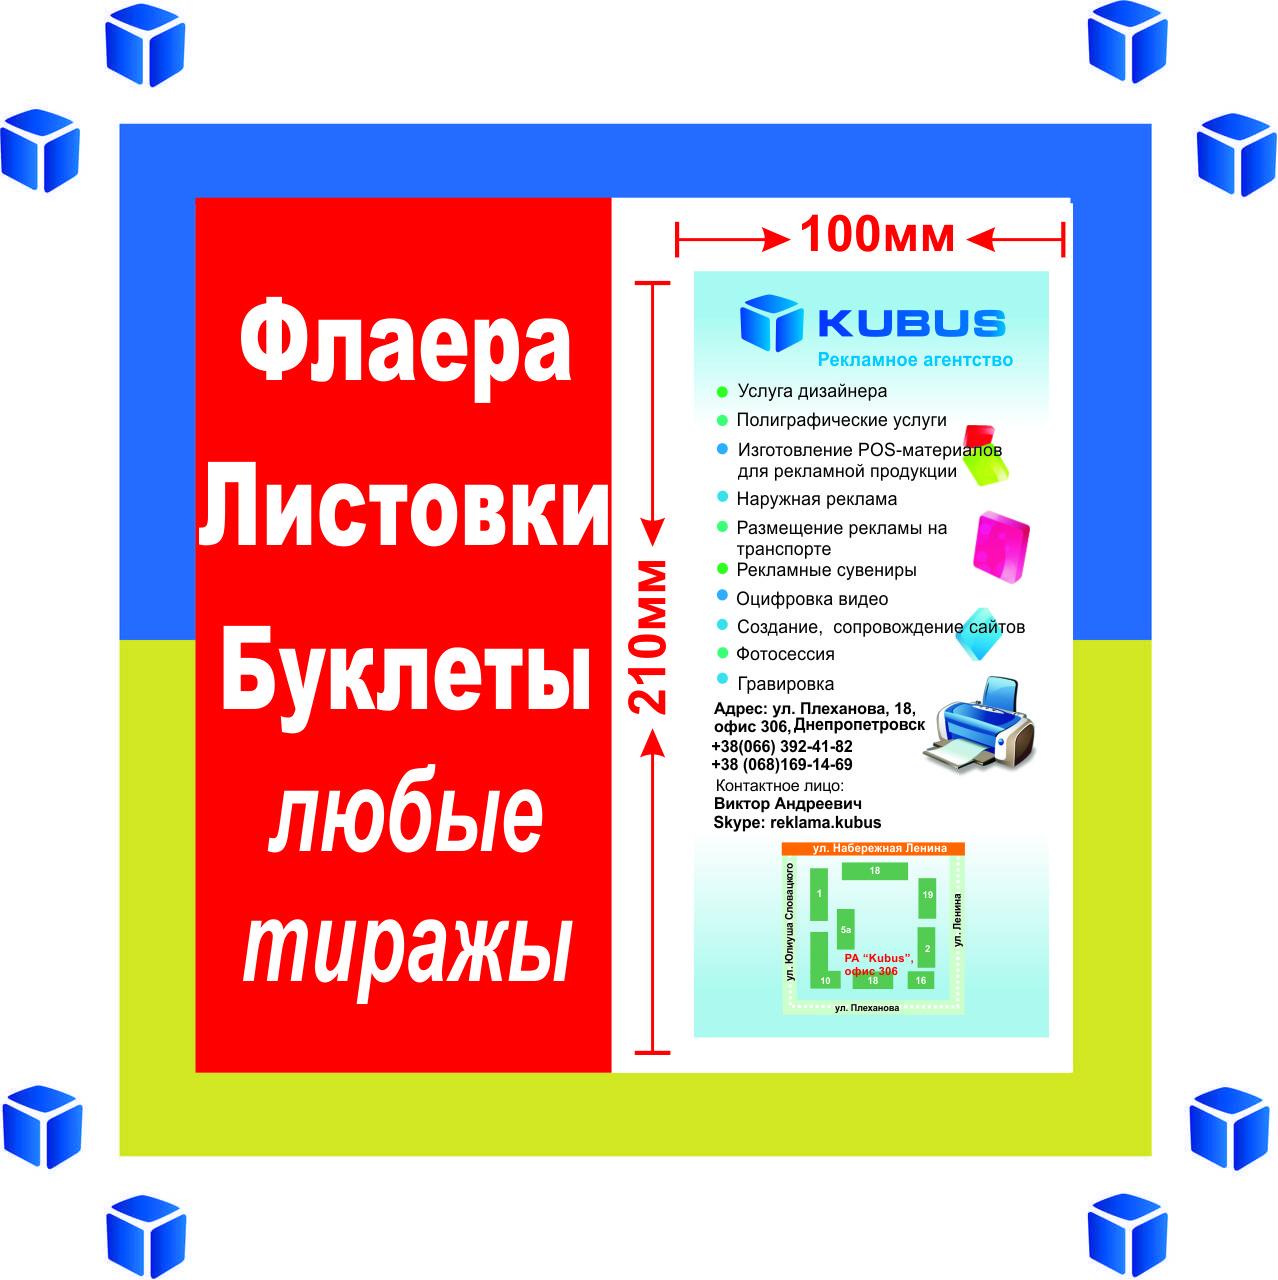 Изготовление еврофлаера  (1000 шт/2 дня/любые тиражи/170 г/м²)